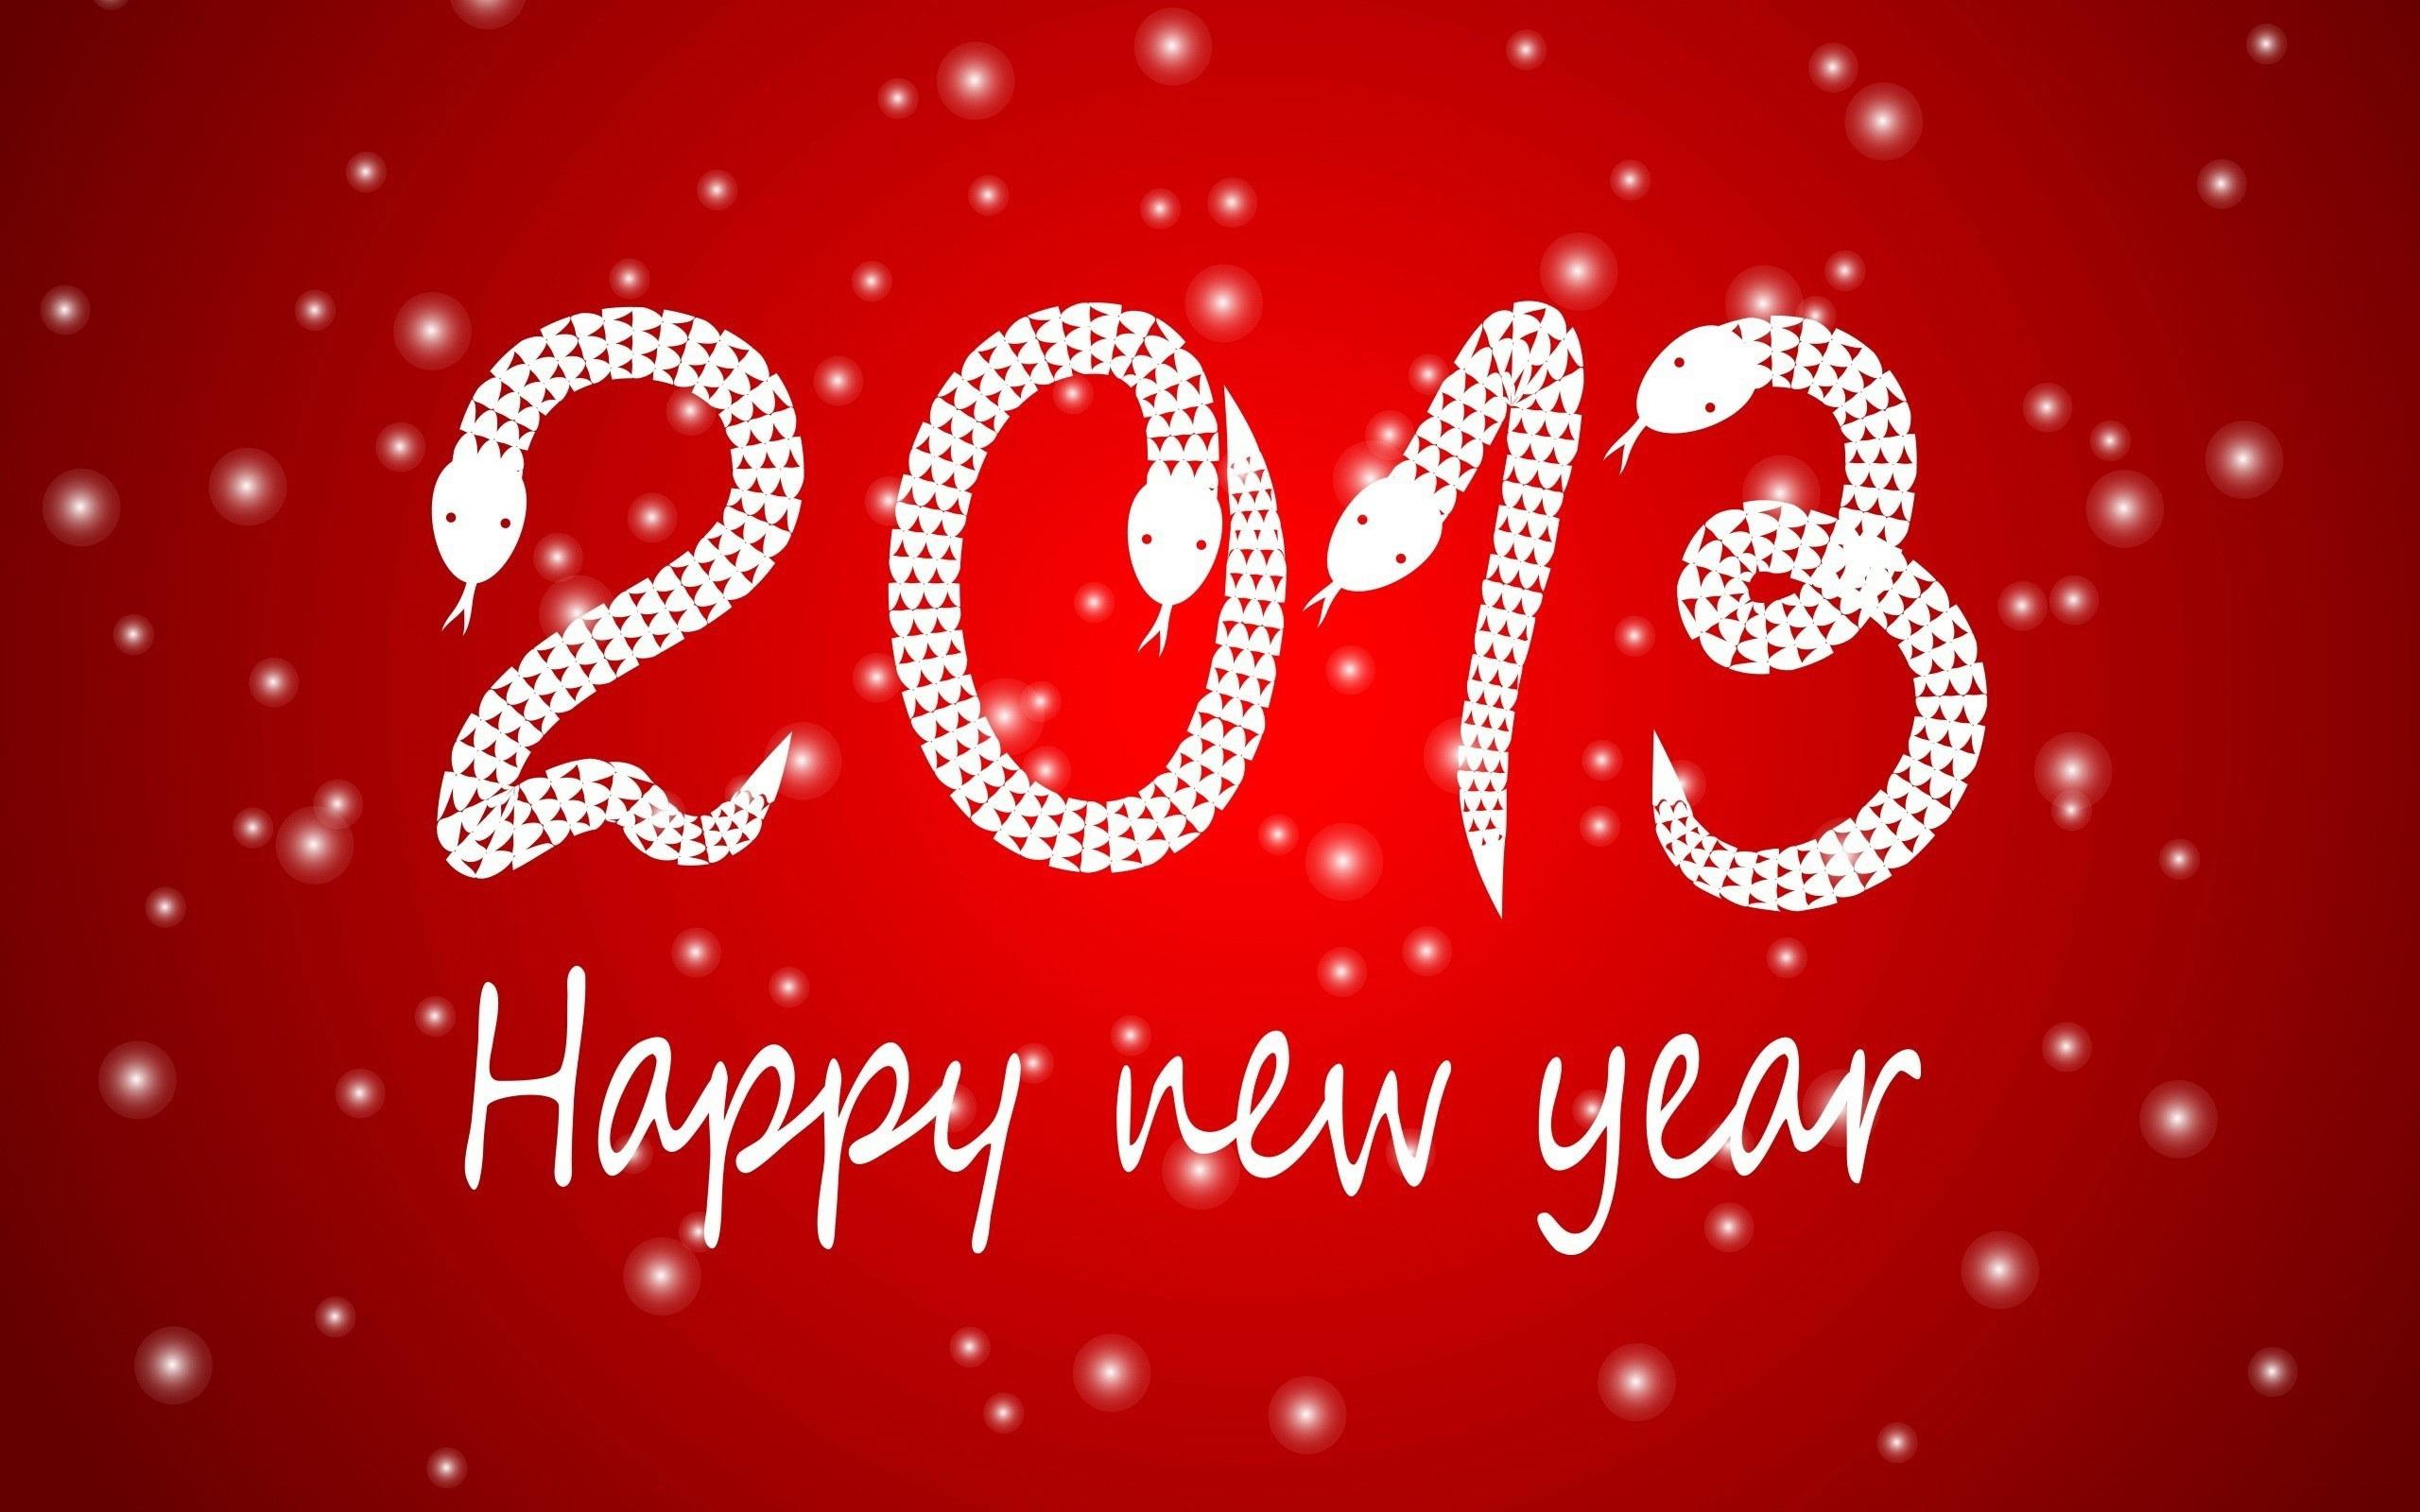 Открытки 2013 с поздравлениями